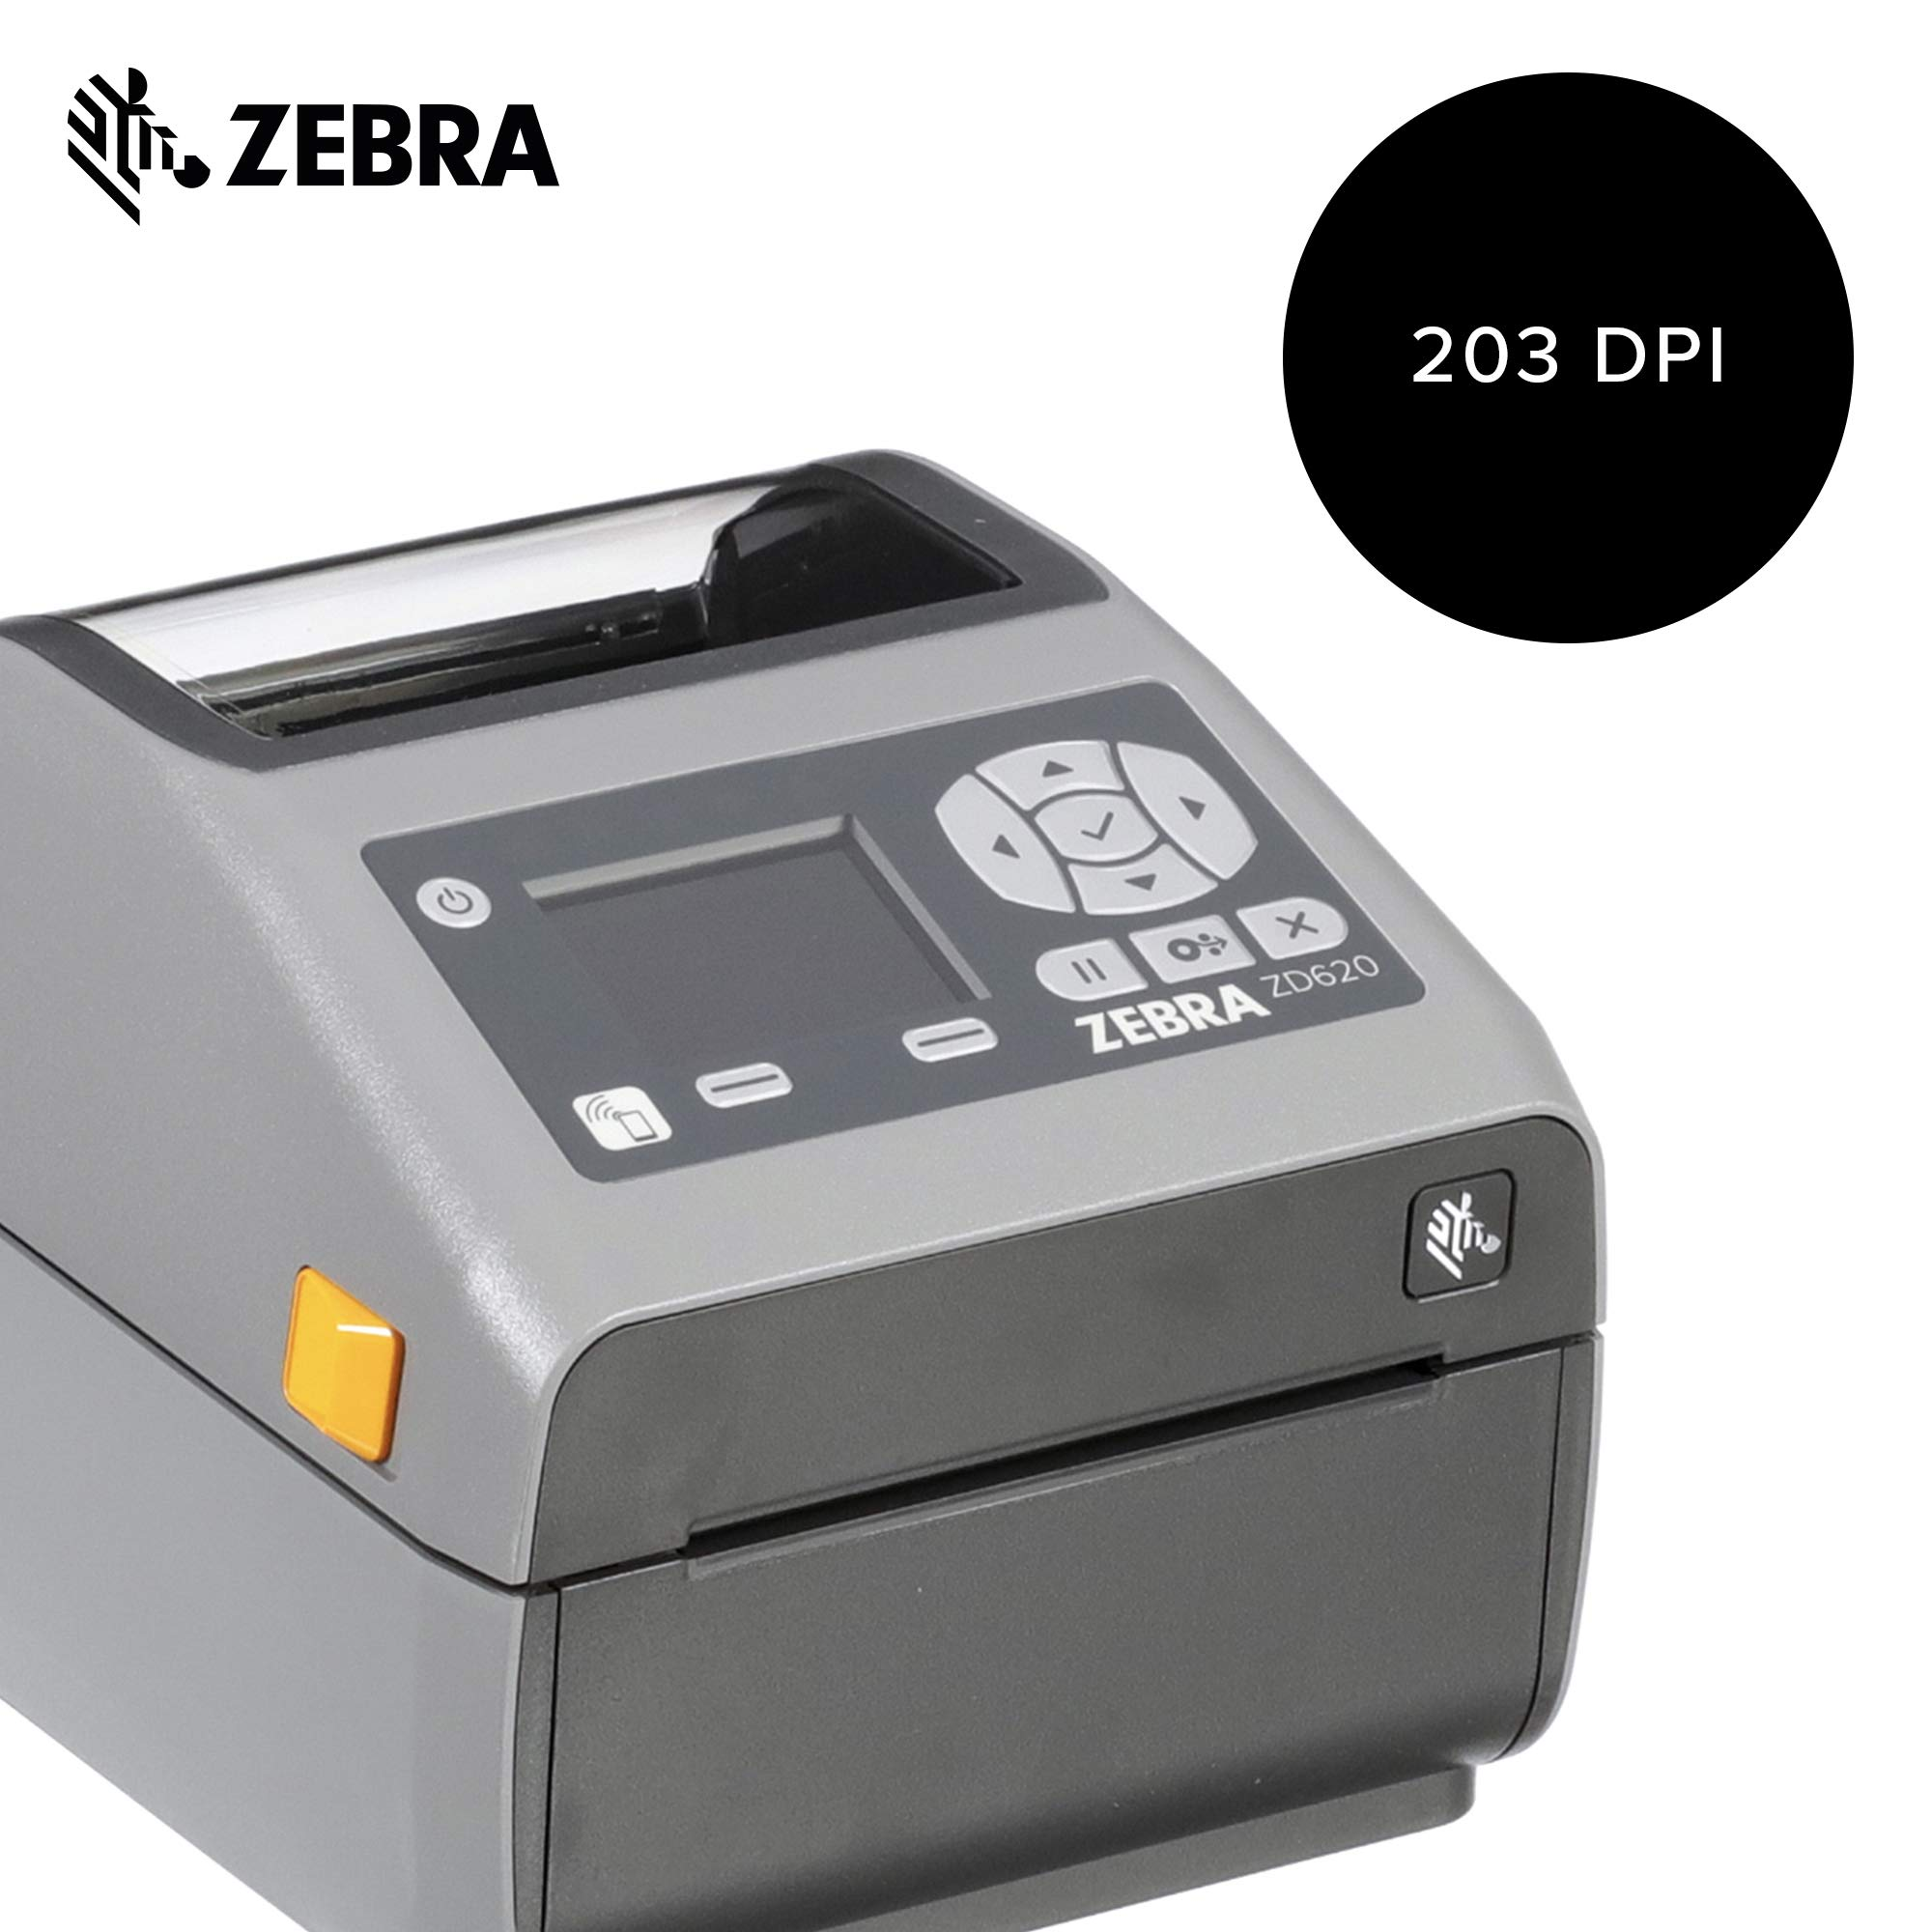 Zebra Zd620 User Manual